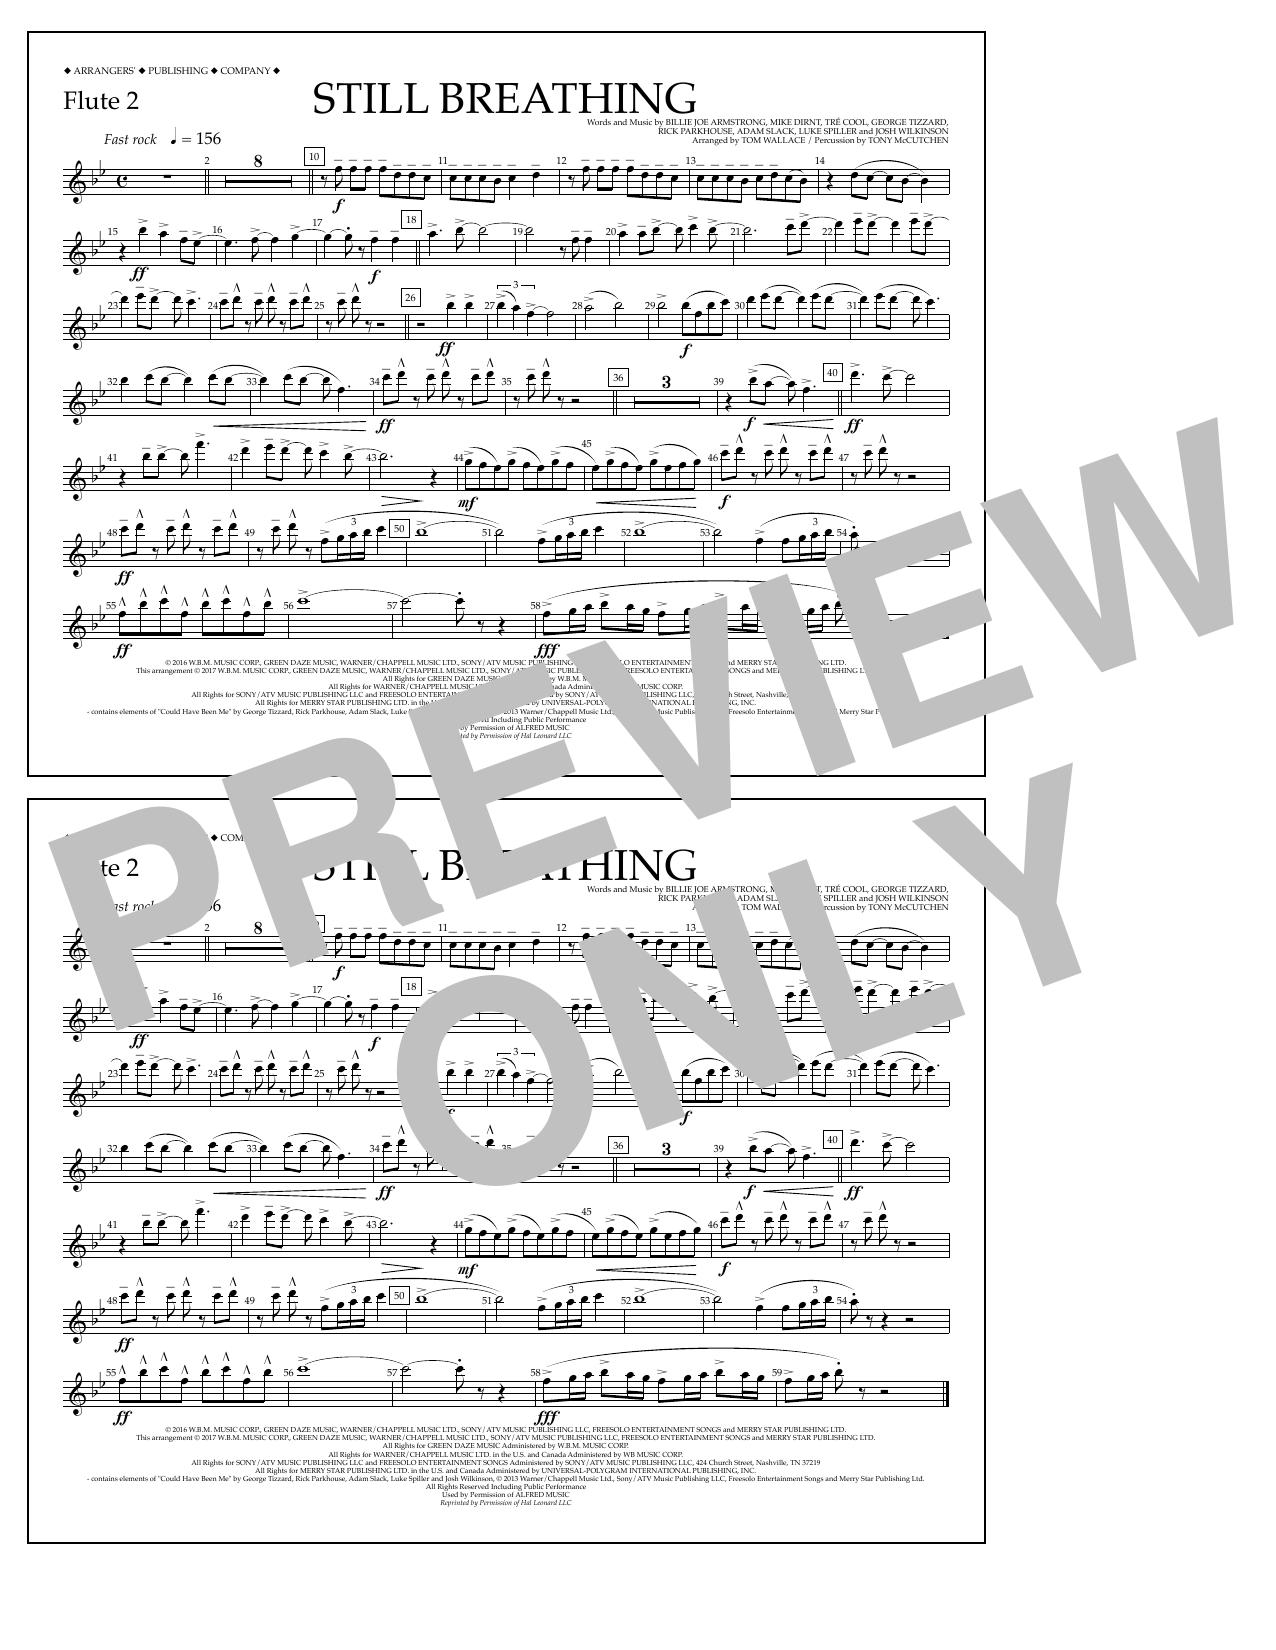 Still Breathing - Flute 2 Sheet Music